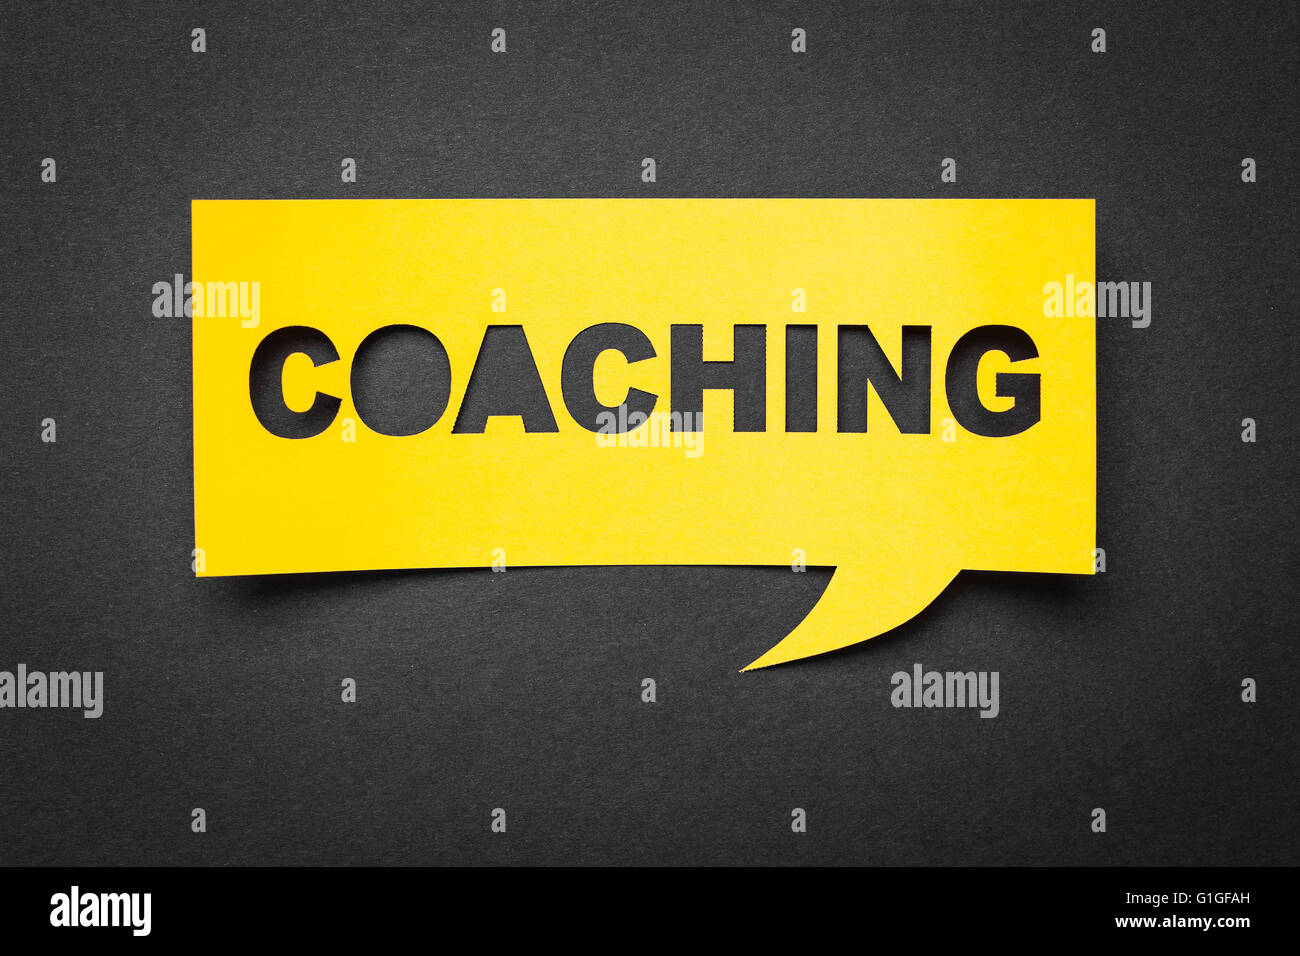 Bubble speech con cortar la frase 'coaching' en el papel. Imagen De Stock